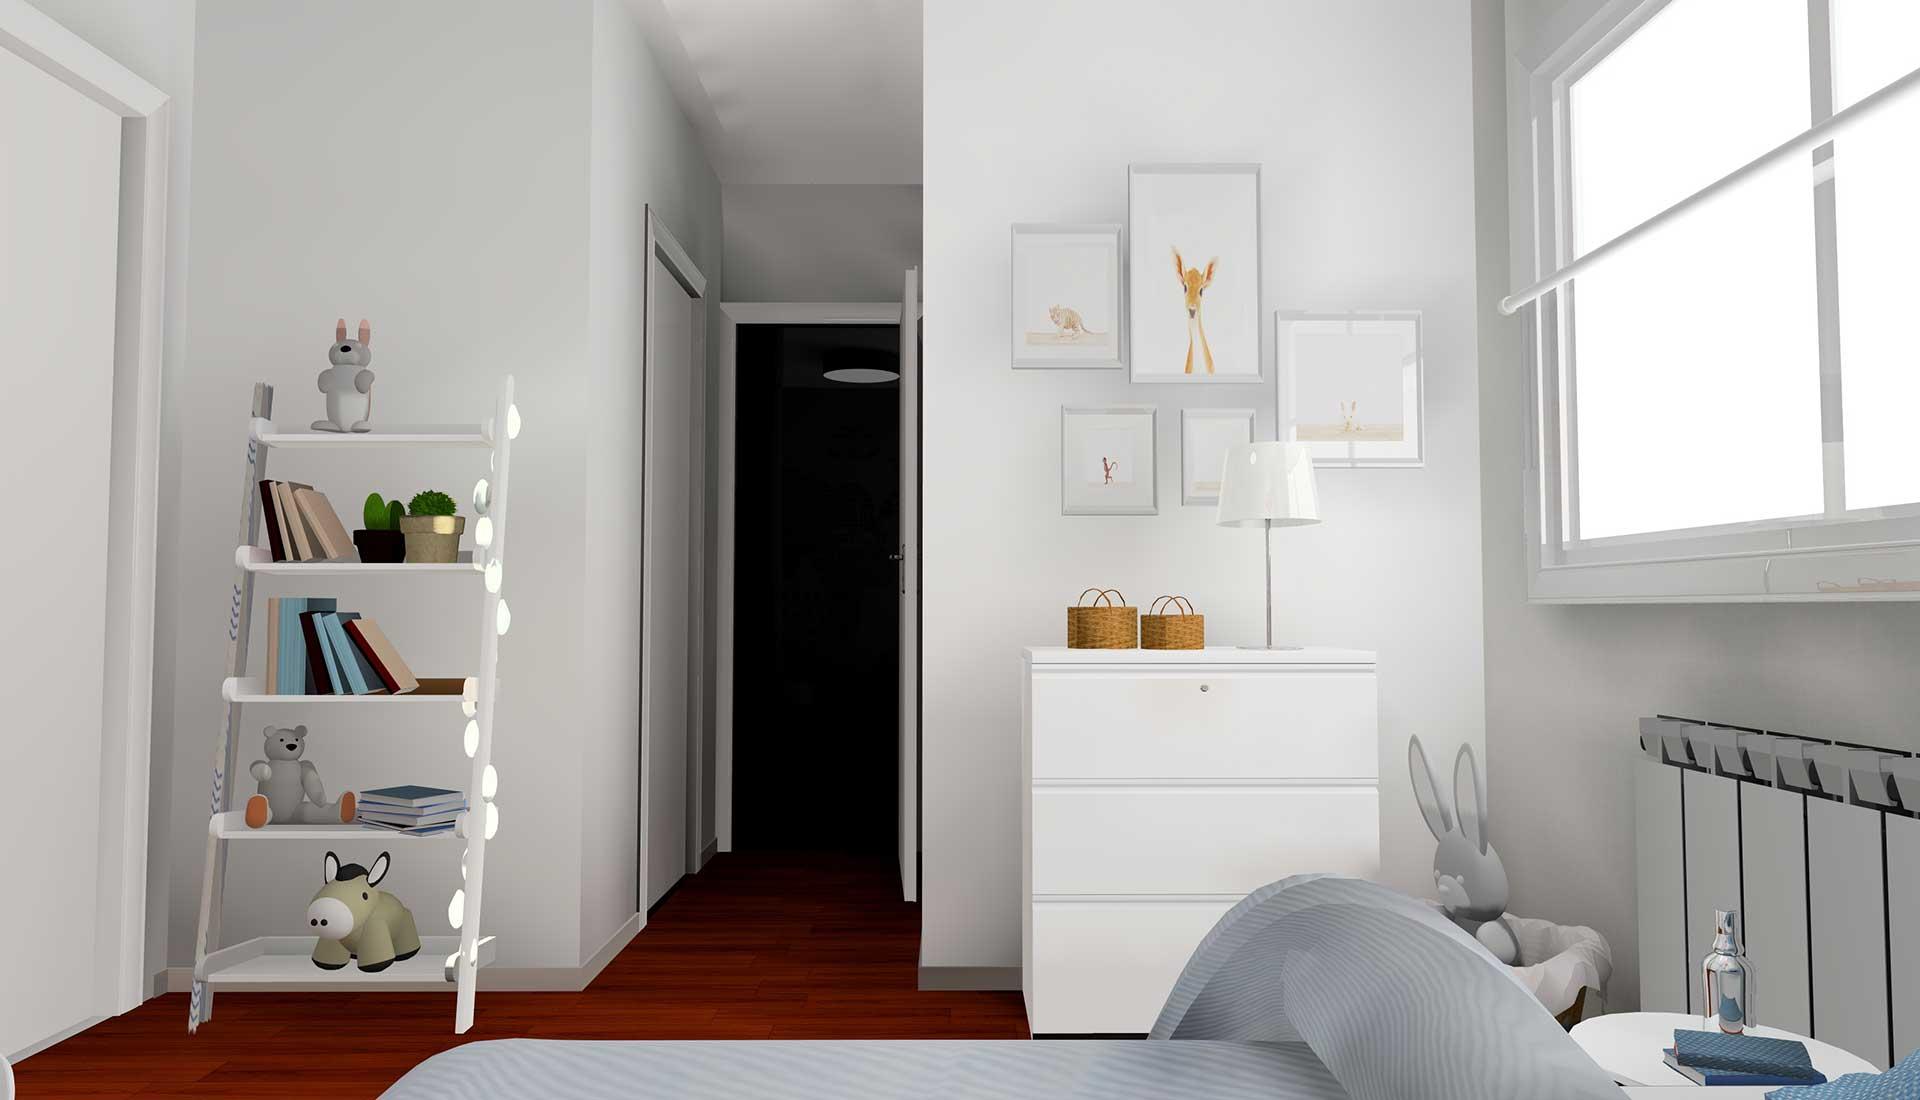 Decoracion de Interiores mirasierra dormitorio